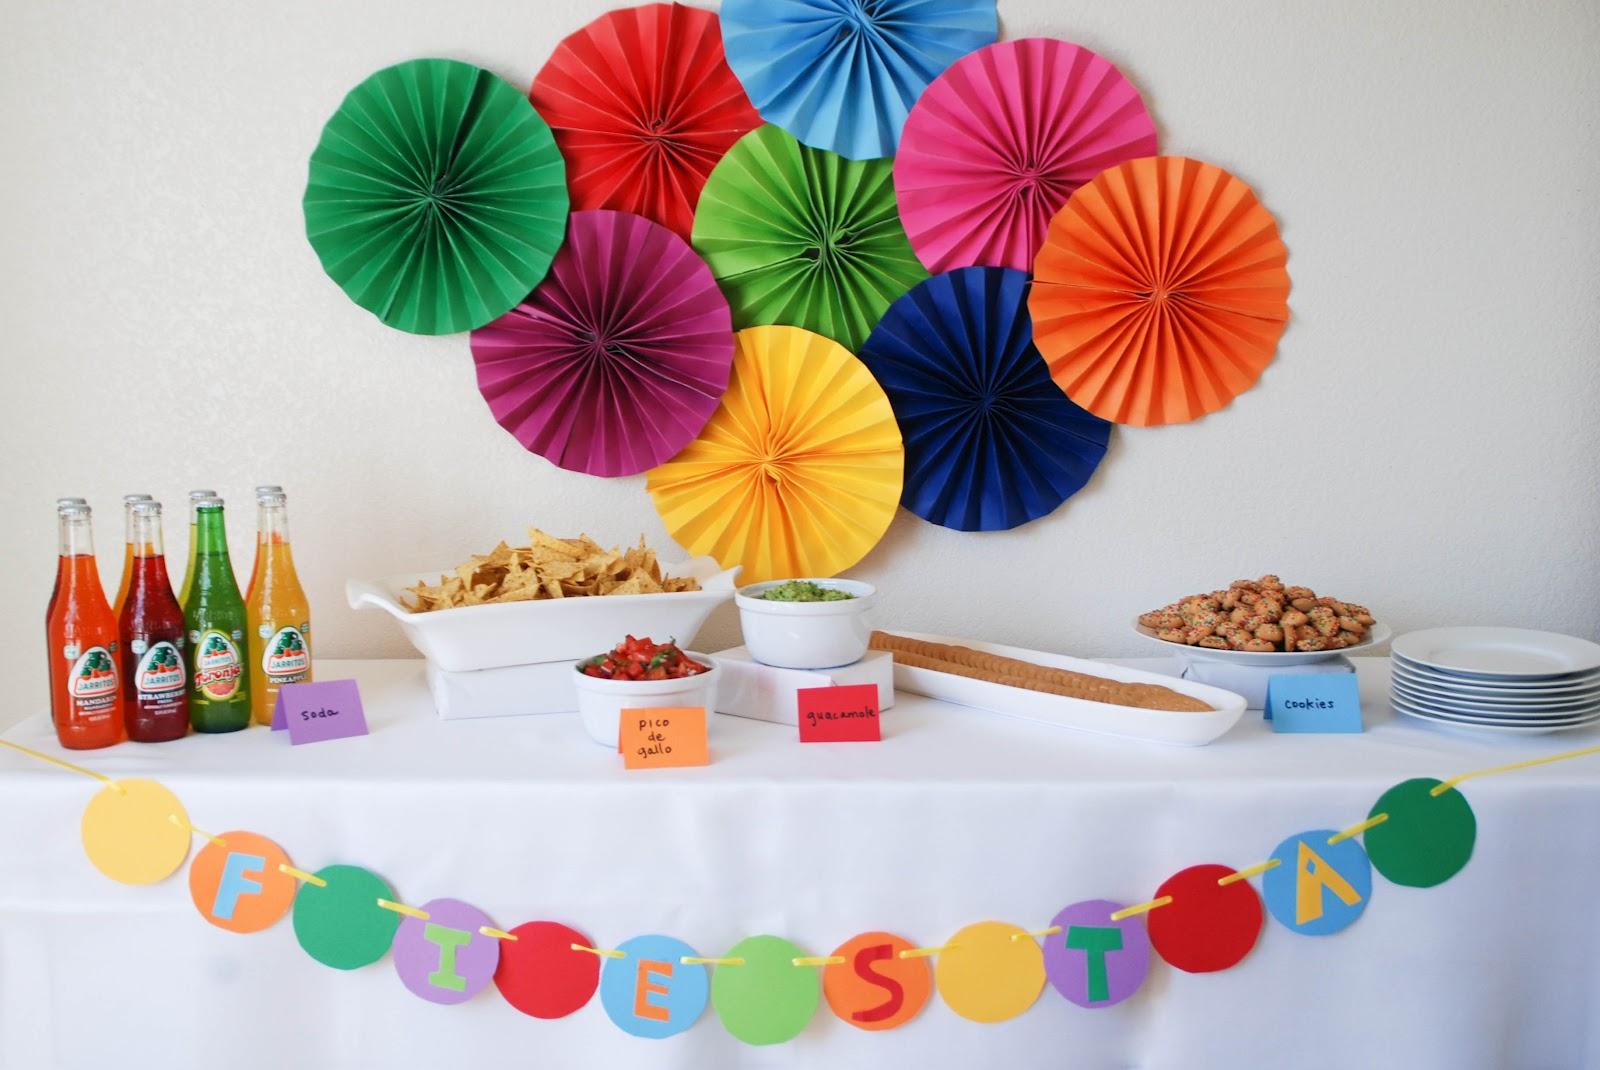 Cinco de mayo table decorations ideas for 5 de mayo party decoration